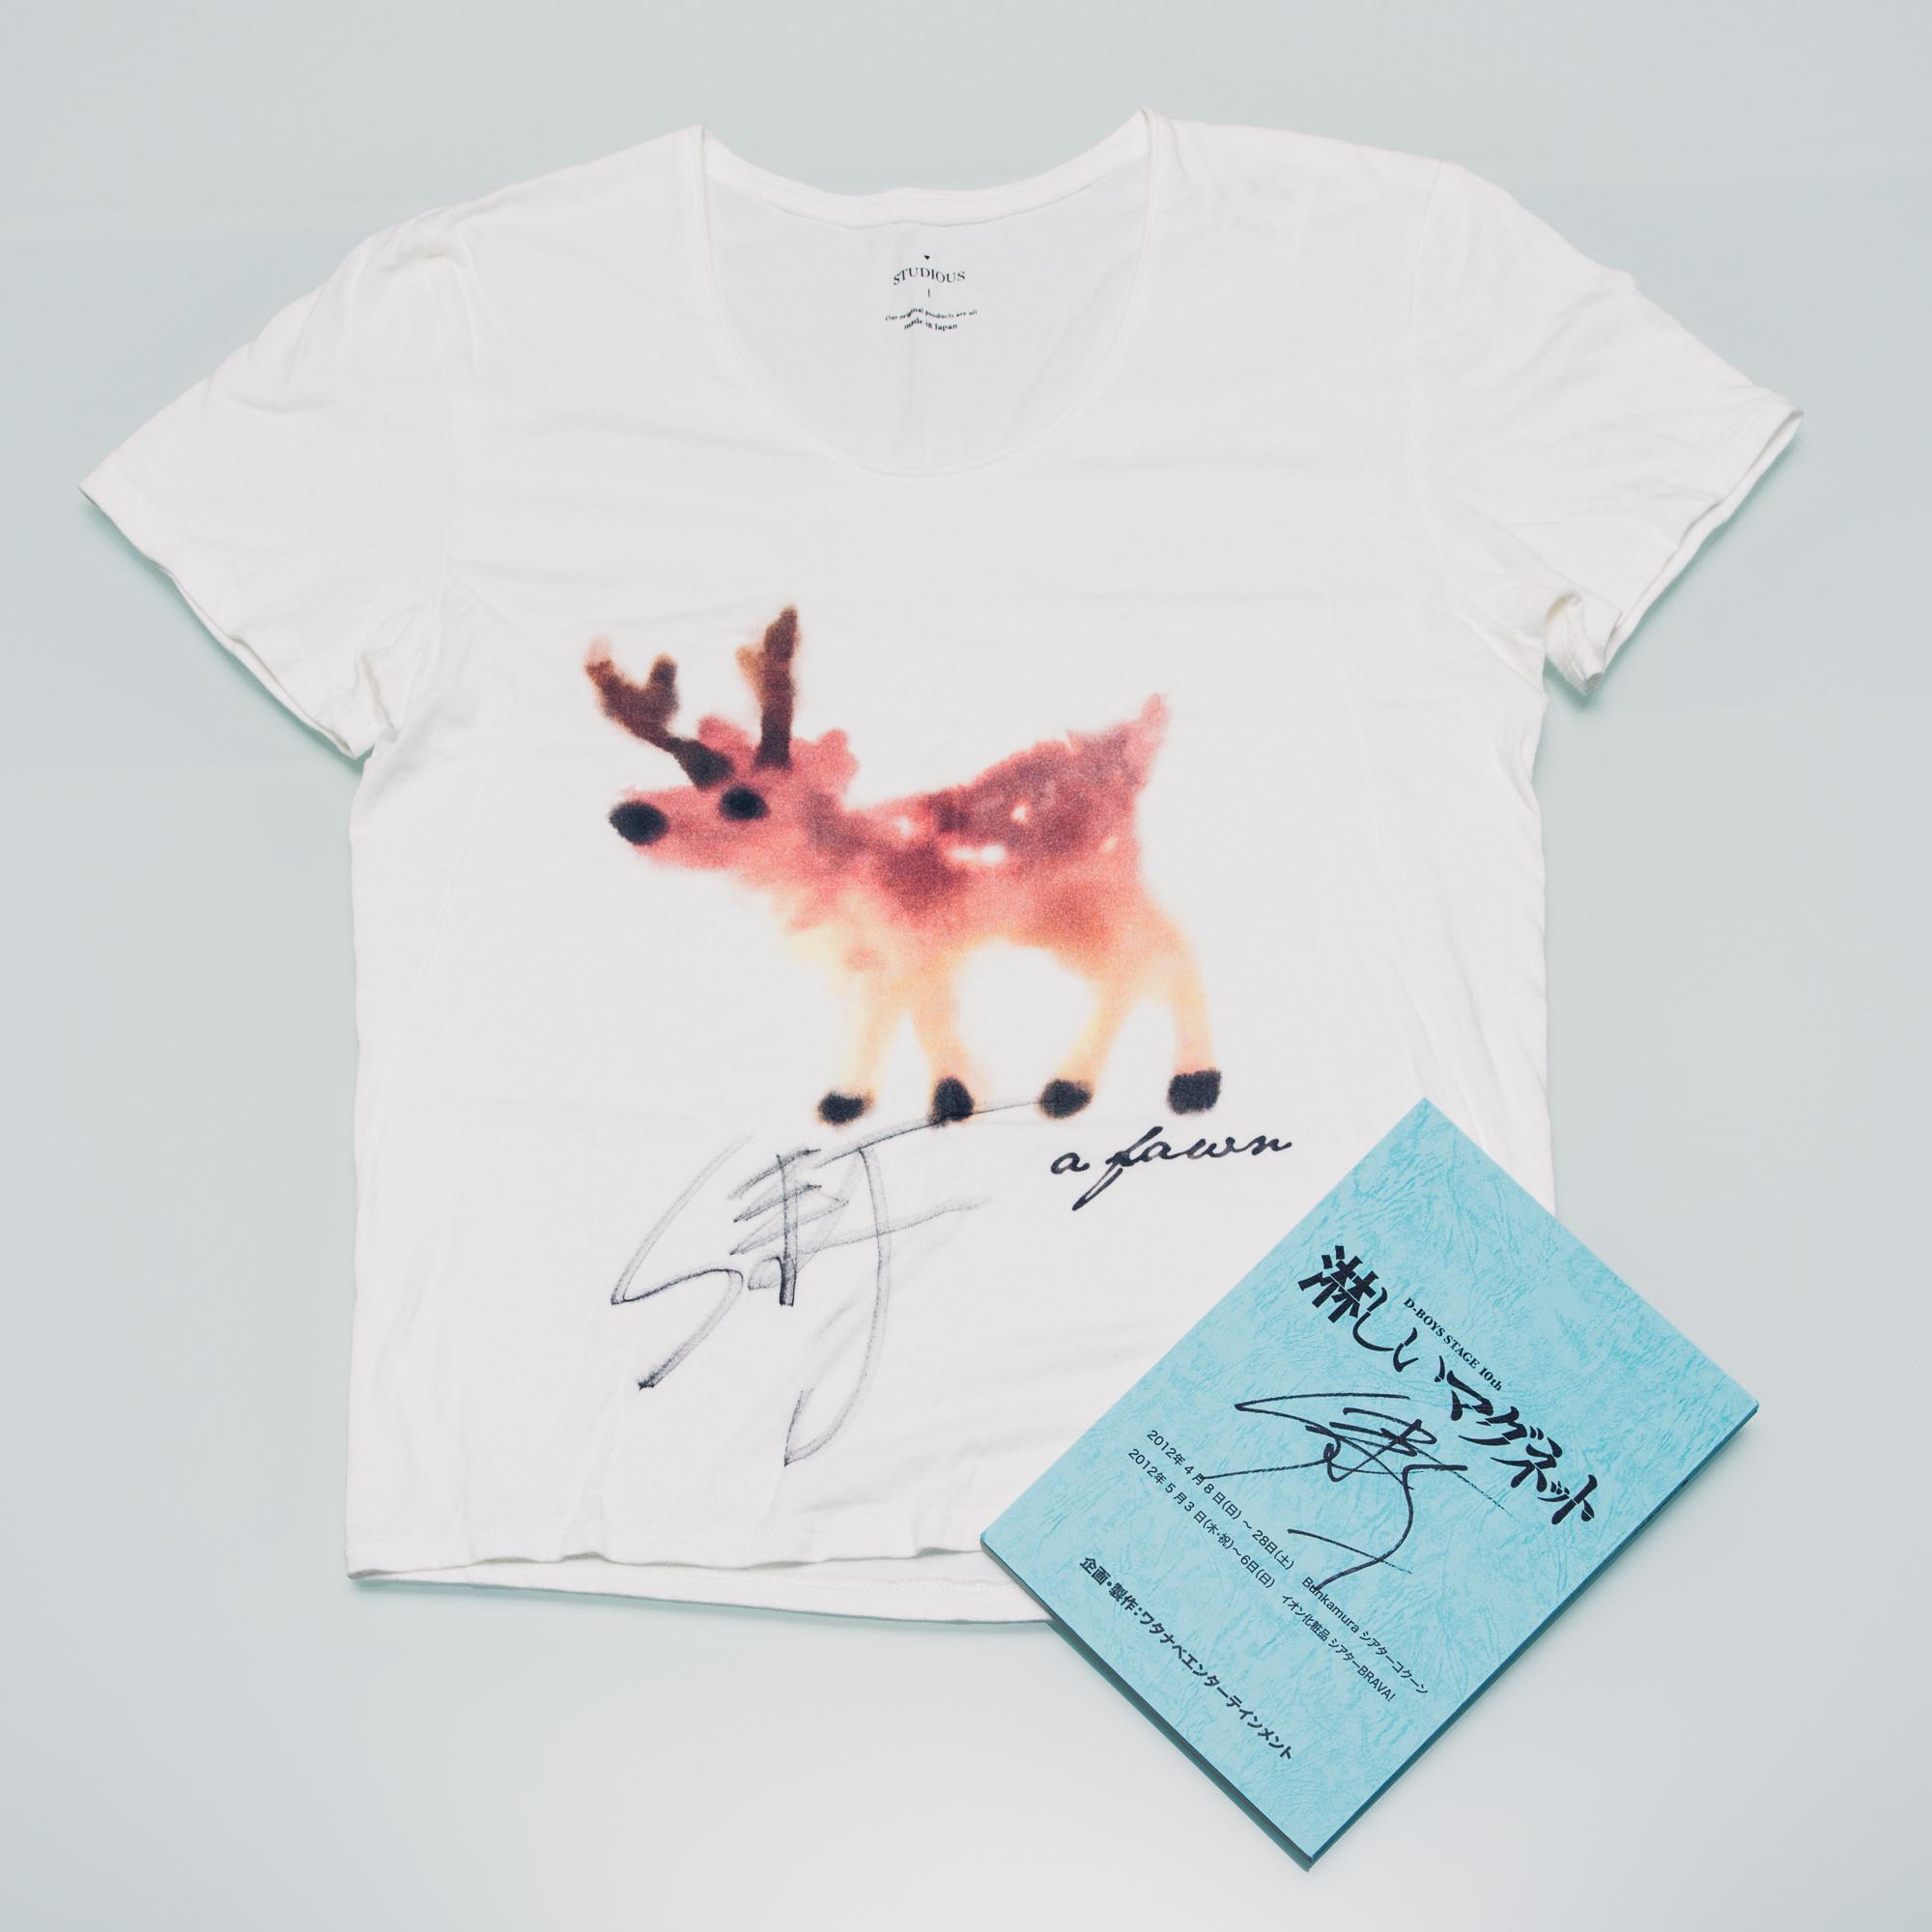 【売約済】瀬戸康史様サイン入り台本とTシャツ